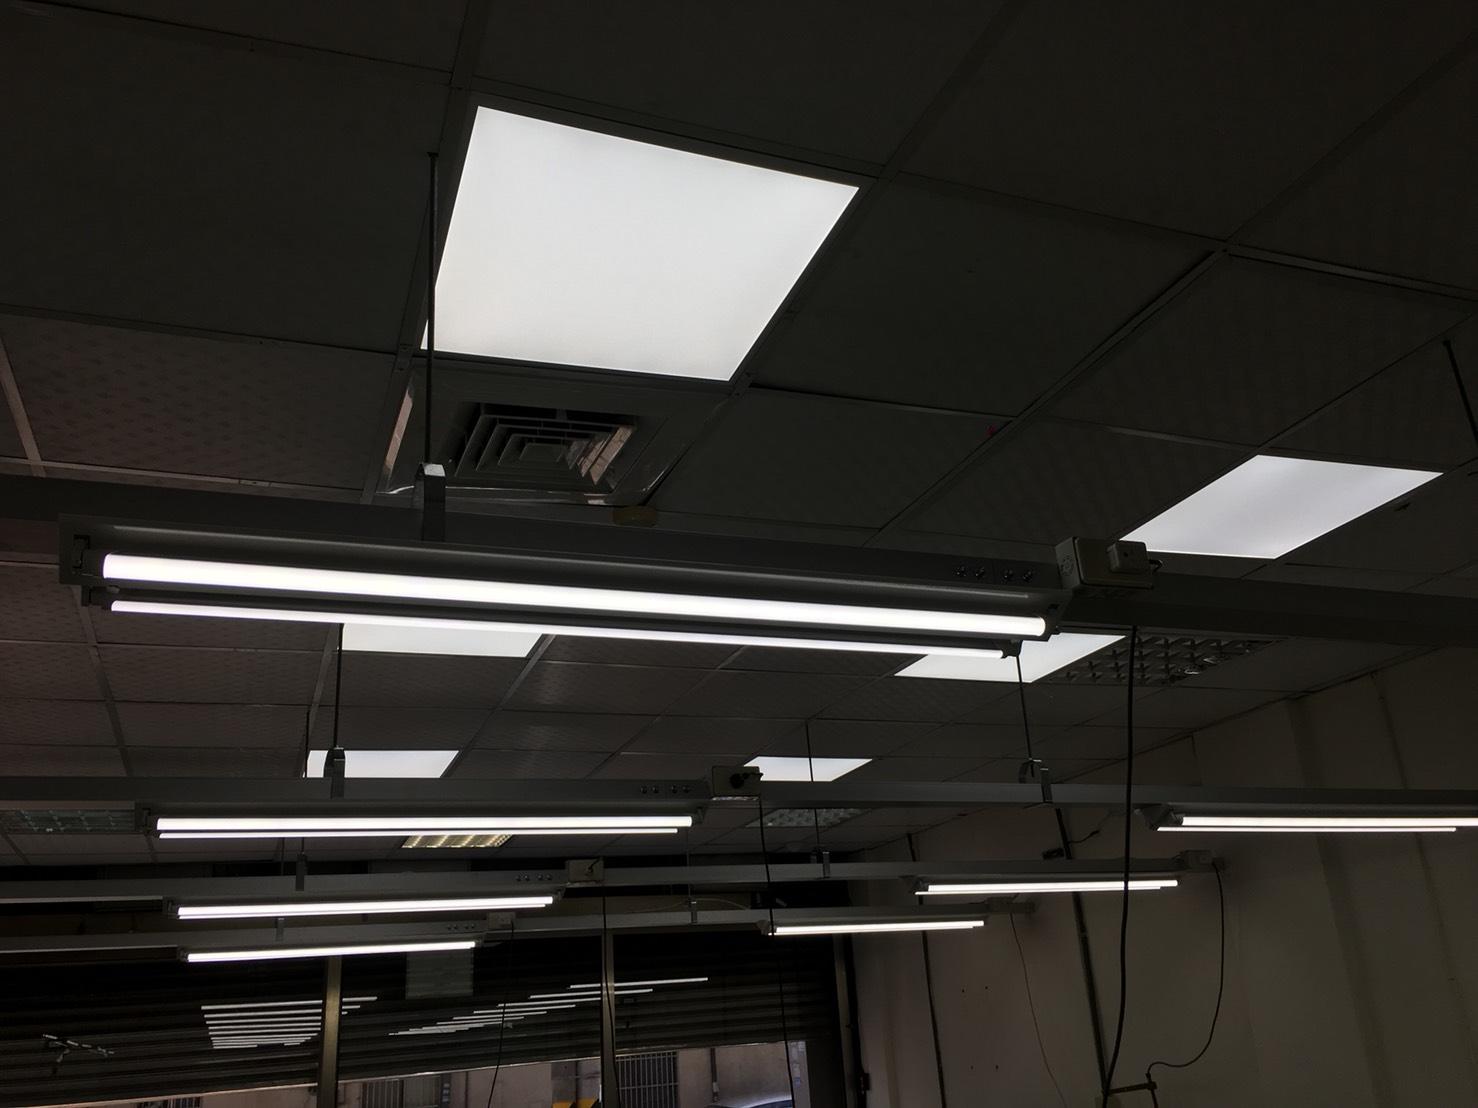 成衣廠改裝LED平板燈